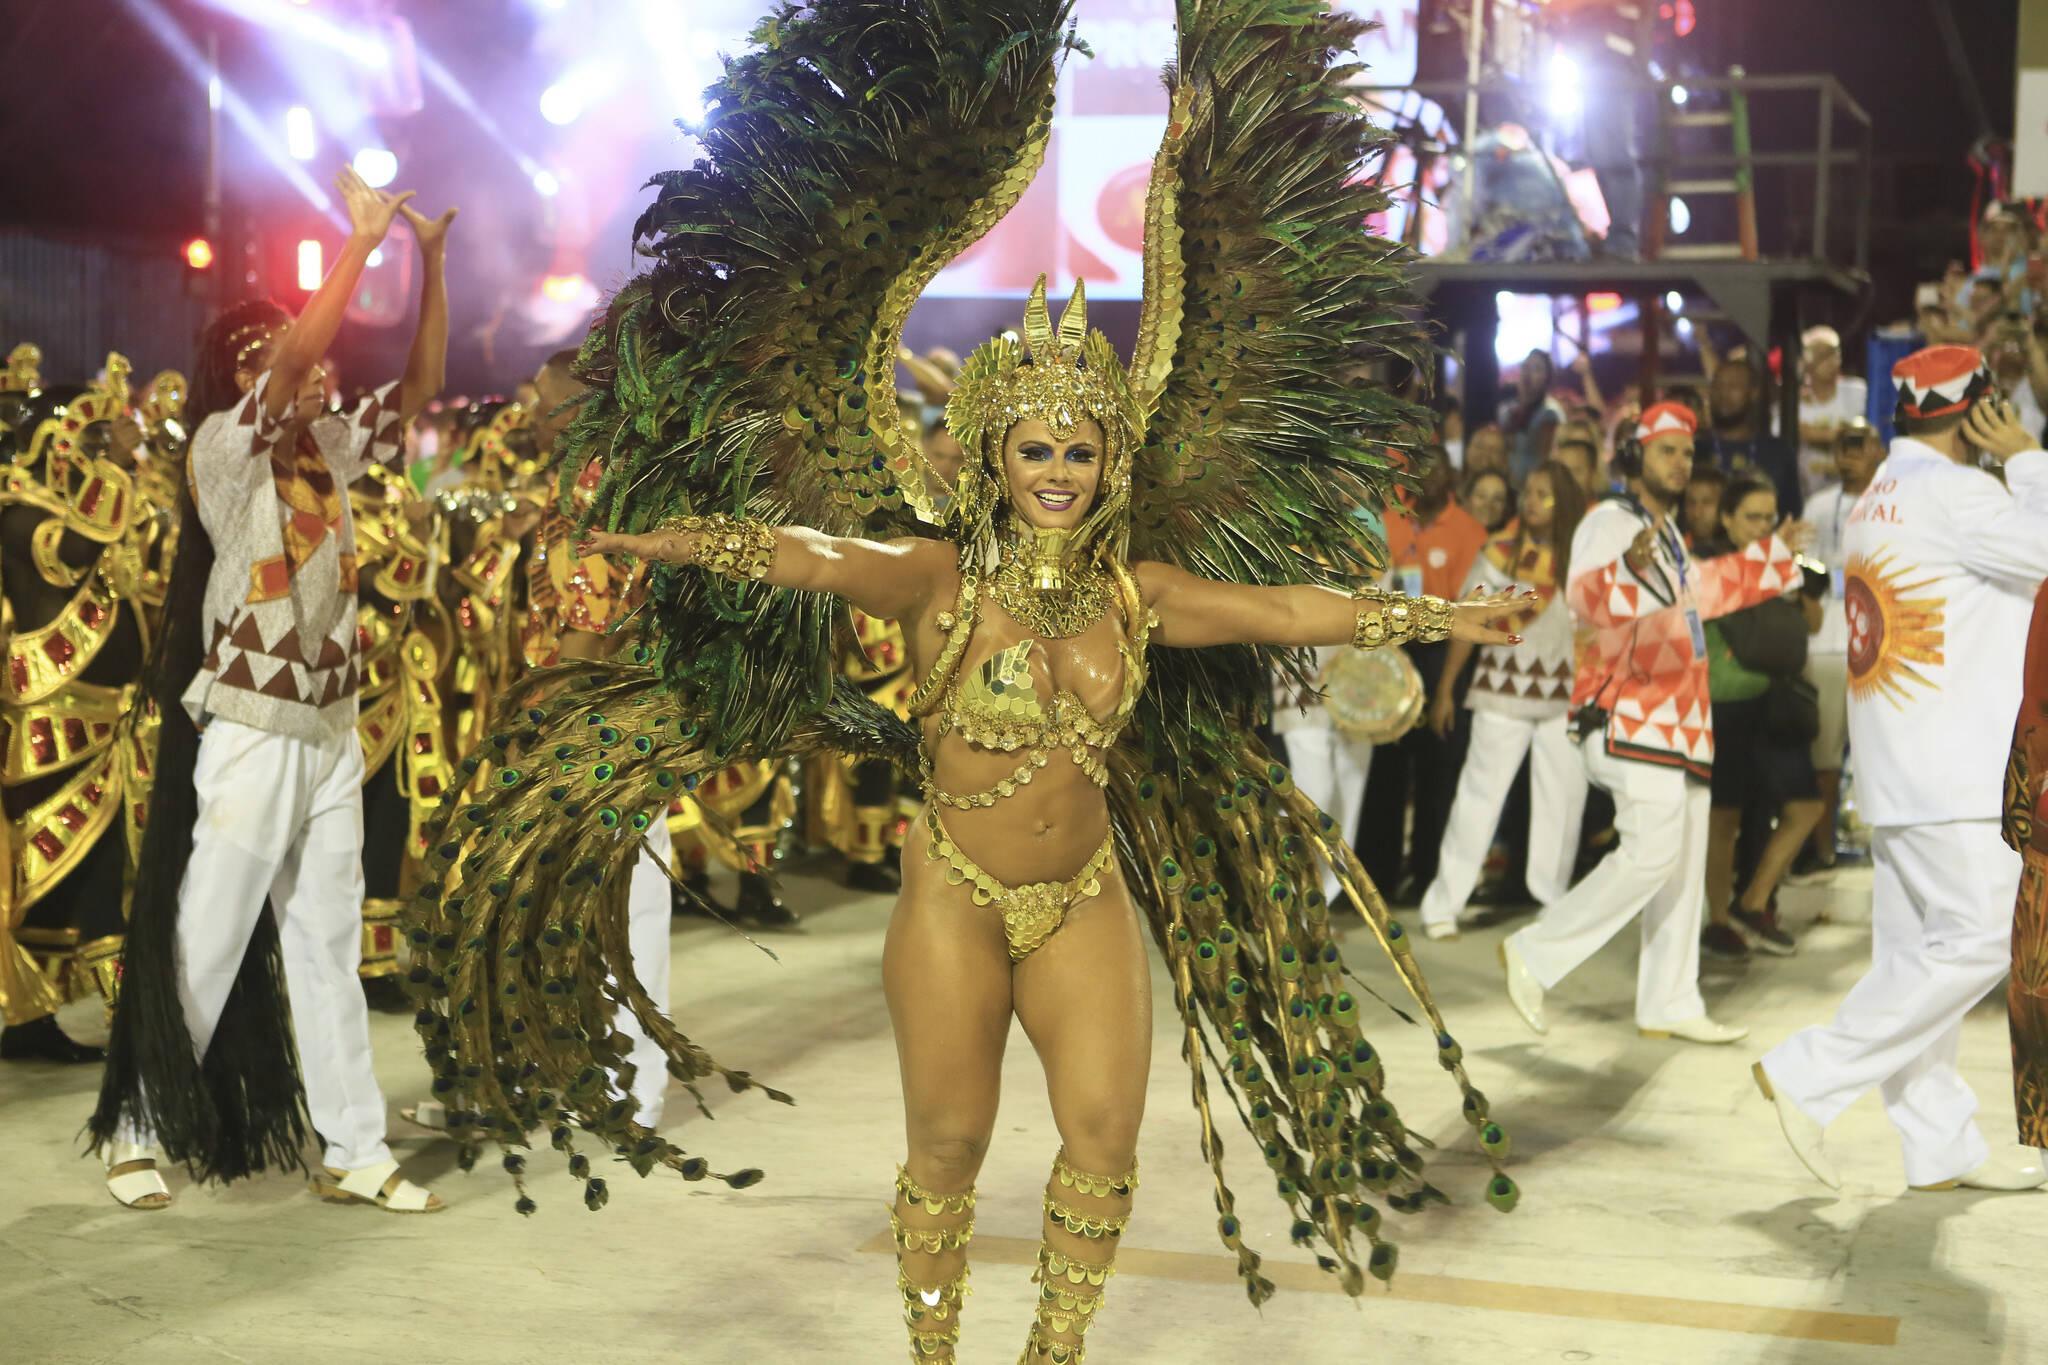 A atriz Viviane Araújo durante o desfile da Salgueiro nesta segunda-feira (12). Foto: Riotur/divulgação